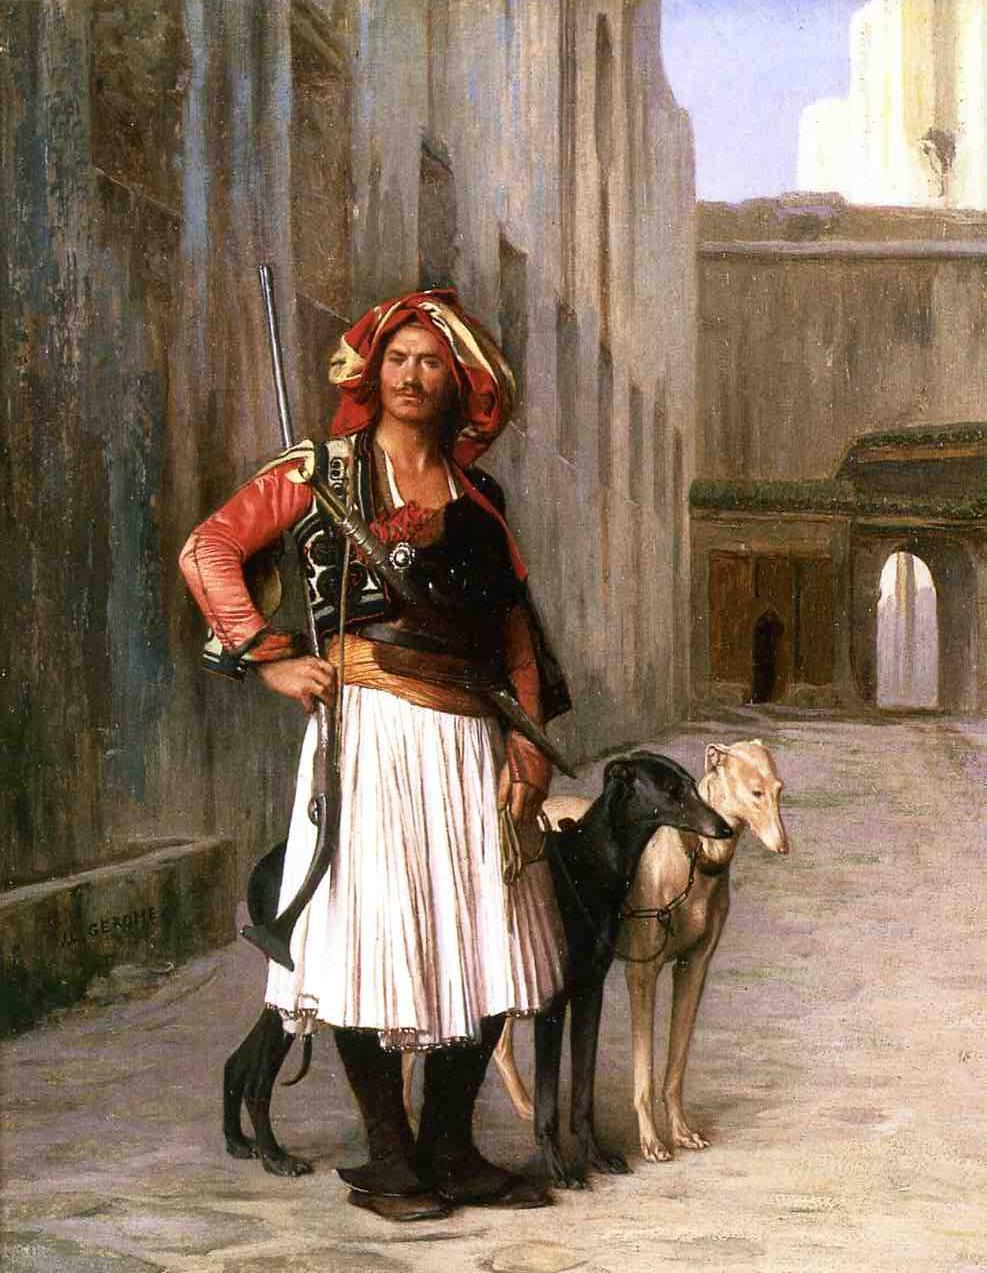 Arnaut from Cairo (1867), Jean-LéonGérôme